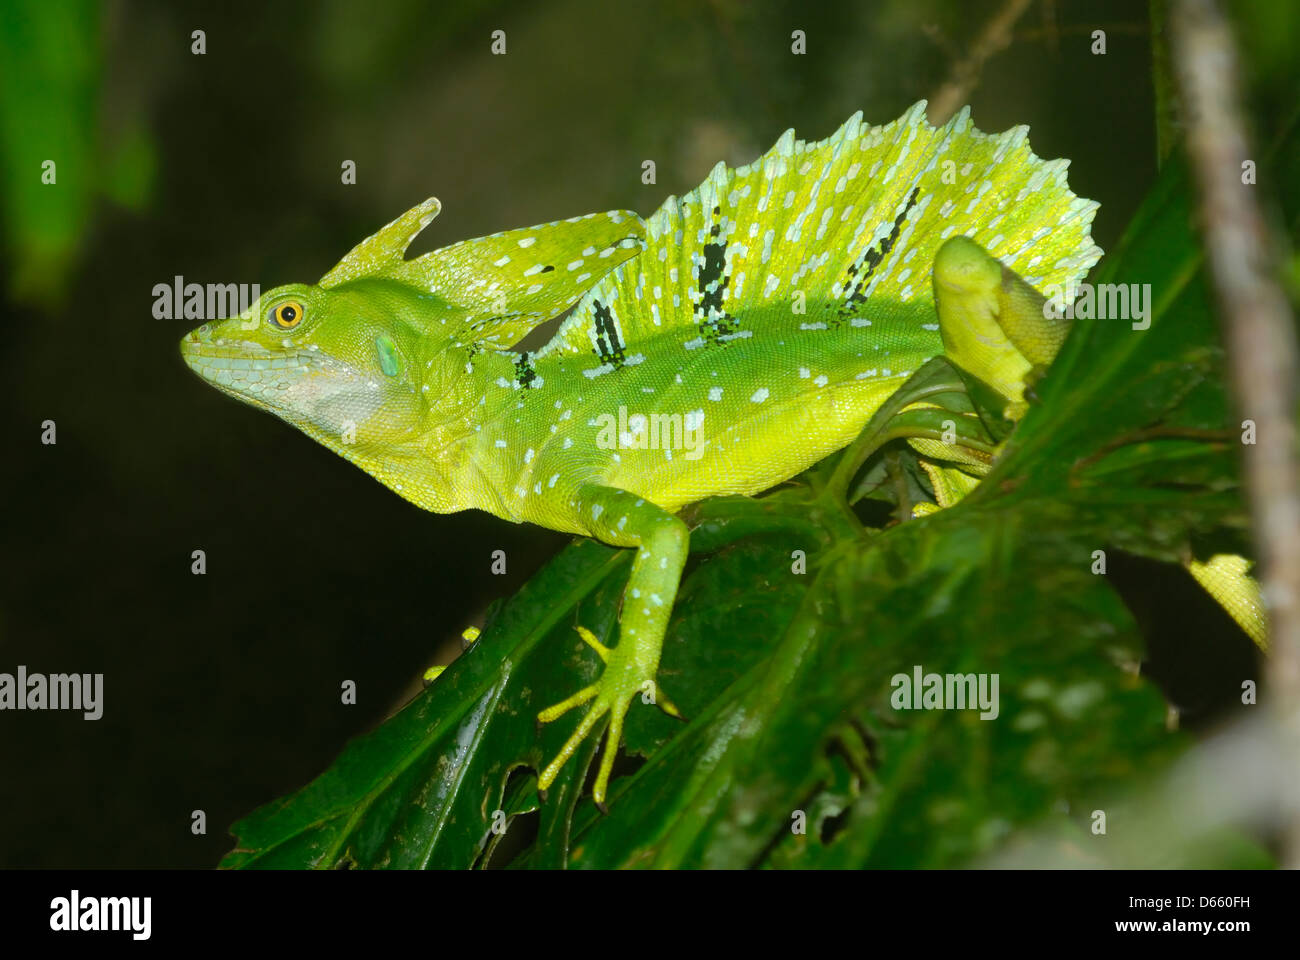 Adult male Plumed Basilisk (Basiliscus plumifrons) displaying - Stock Image